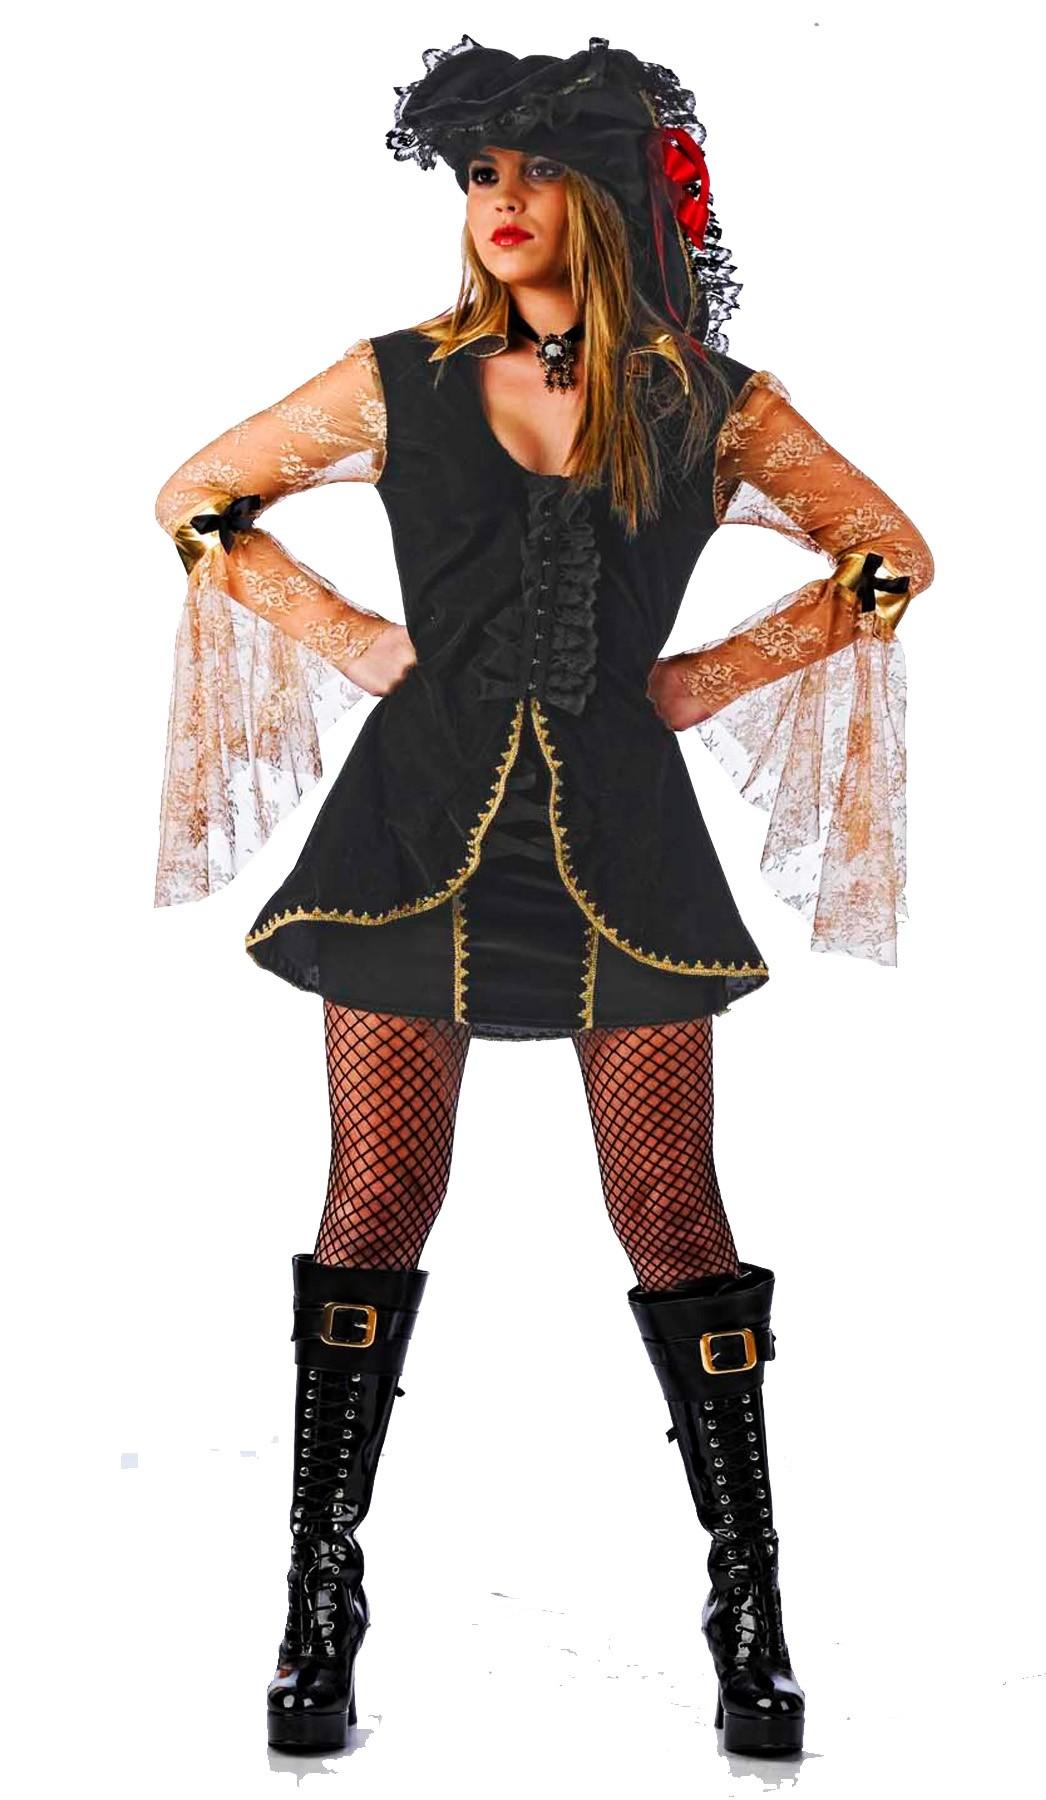 Costume Pirata donna Corsara dei Caraibi con veli e cappello. Bellissimo. 12cfb0a87d4